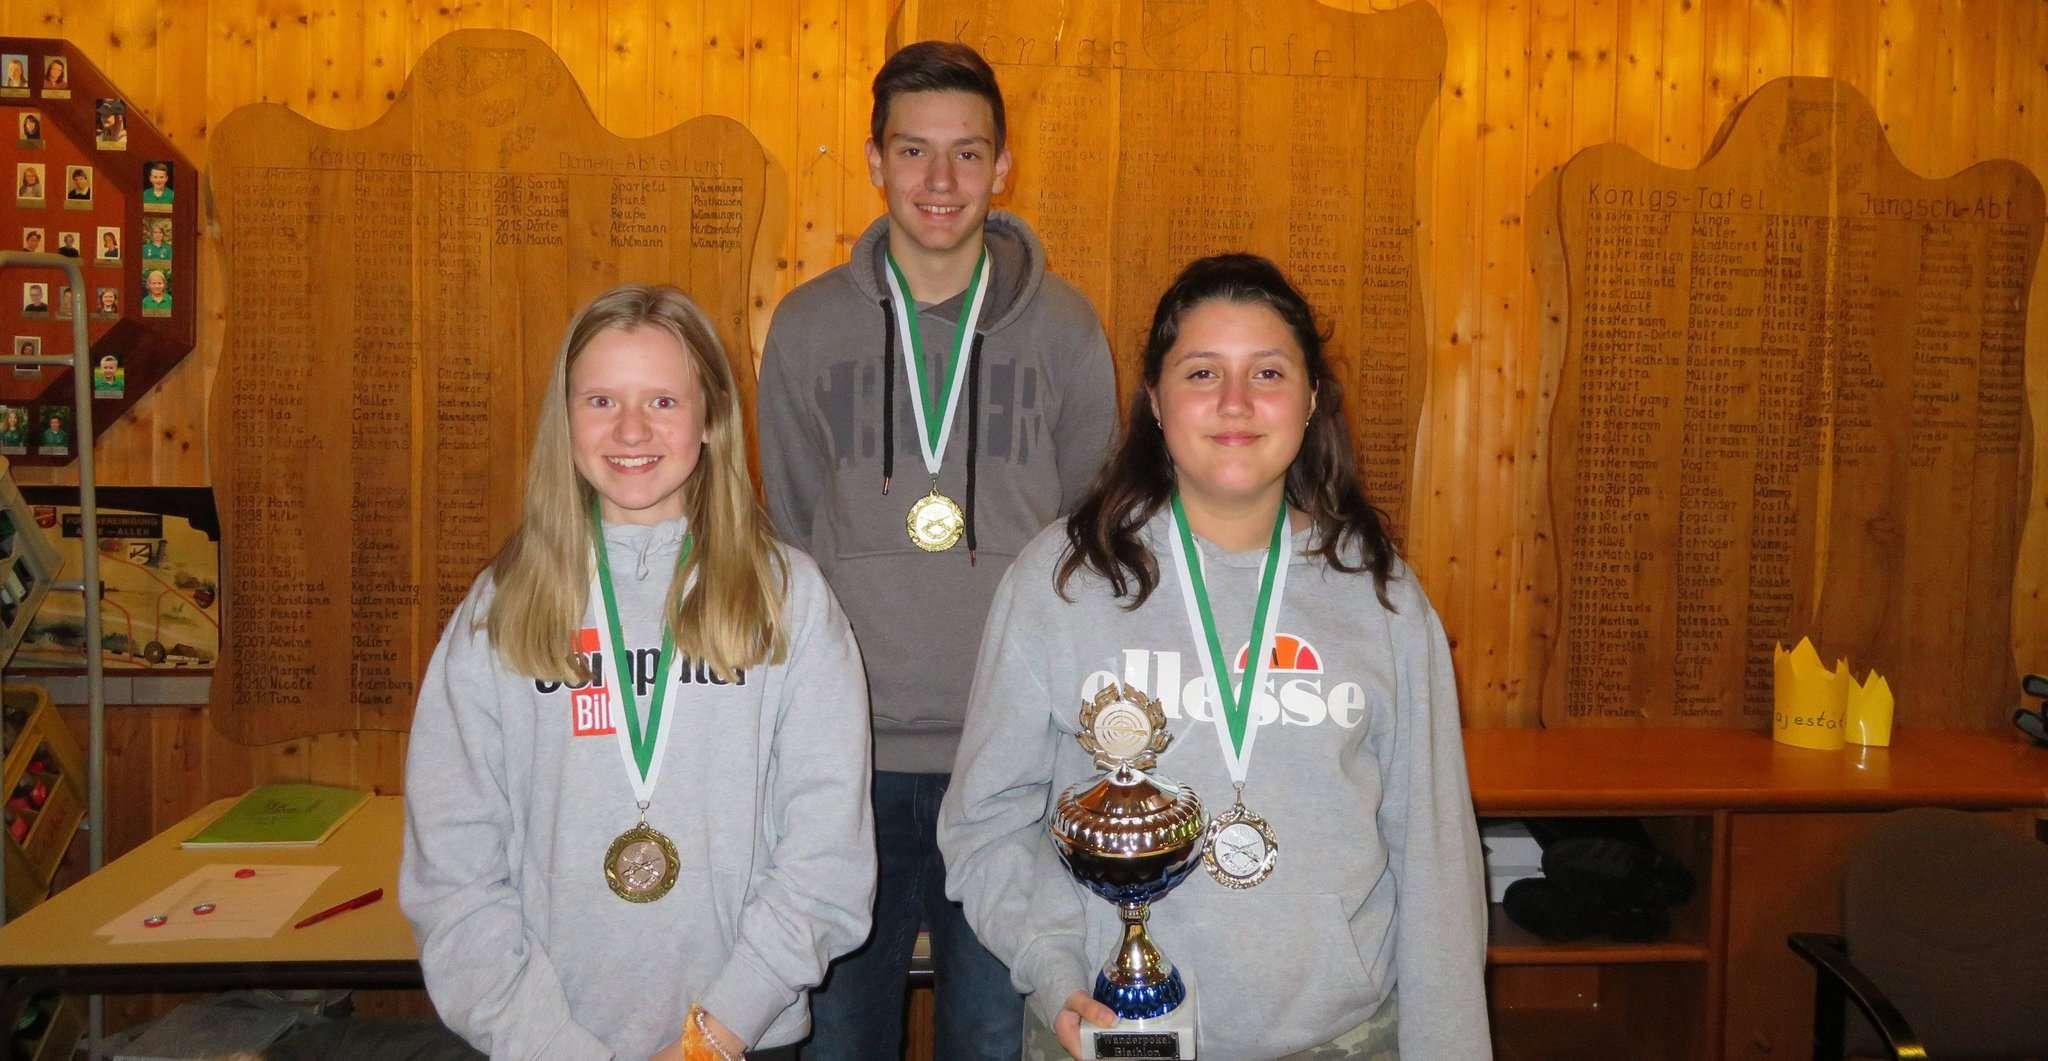 Nele Timm (von links), Malte Flade und Urtiana Blakaj hatten Spaß beim Biathlon des SV Posthausen u2013 und Erfolg.